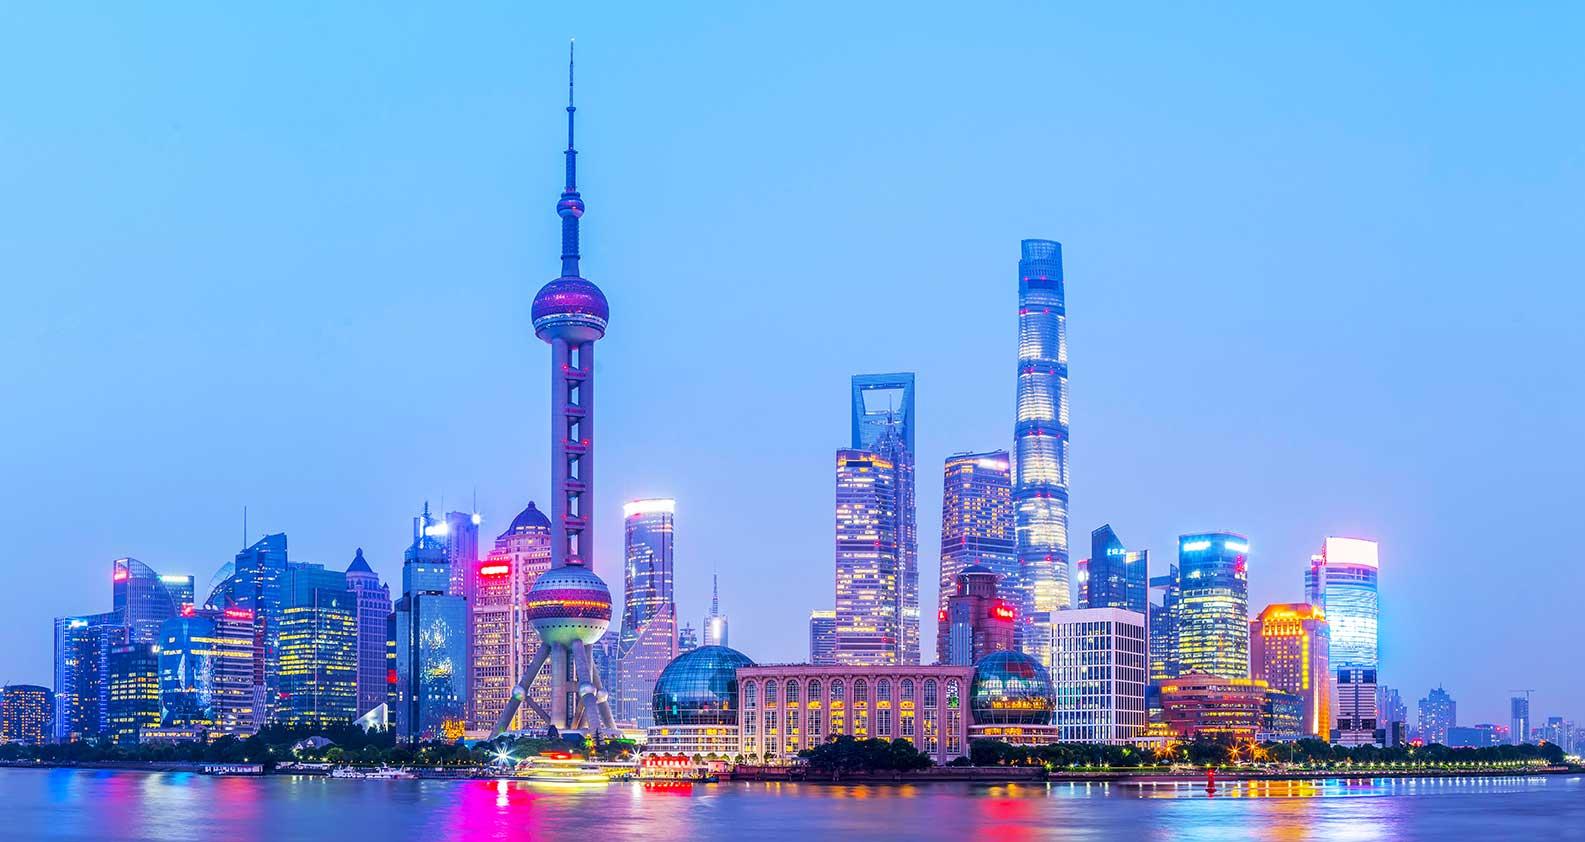 هتلهای شهر شانگهای